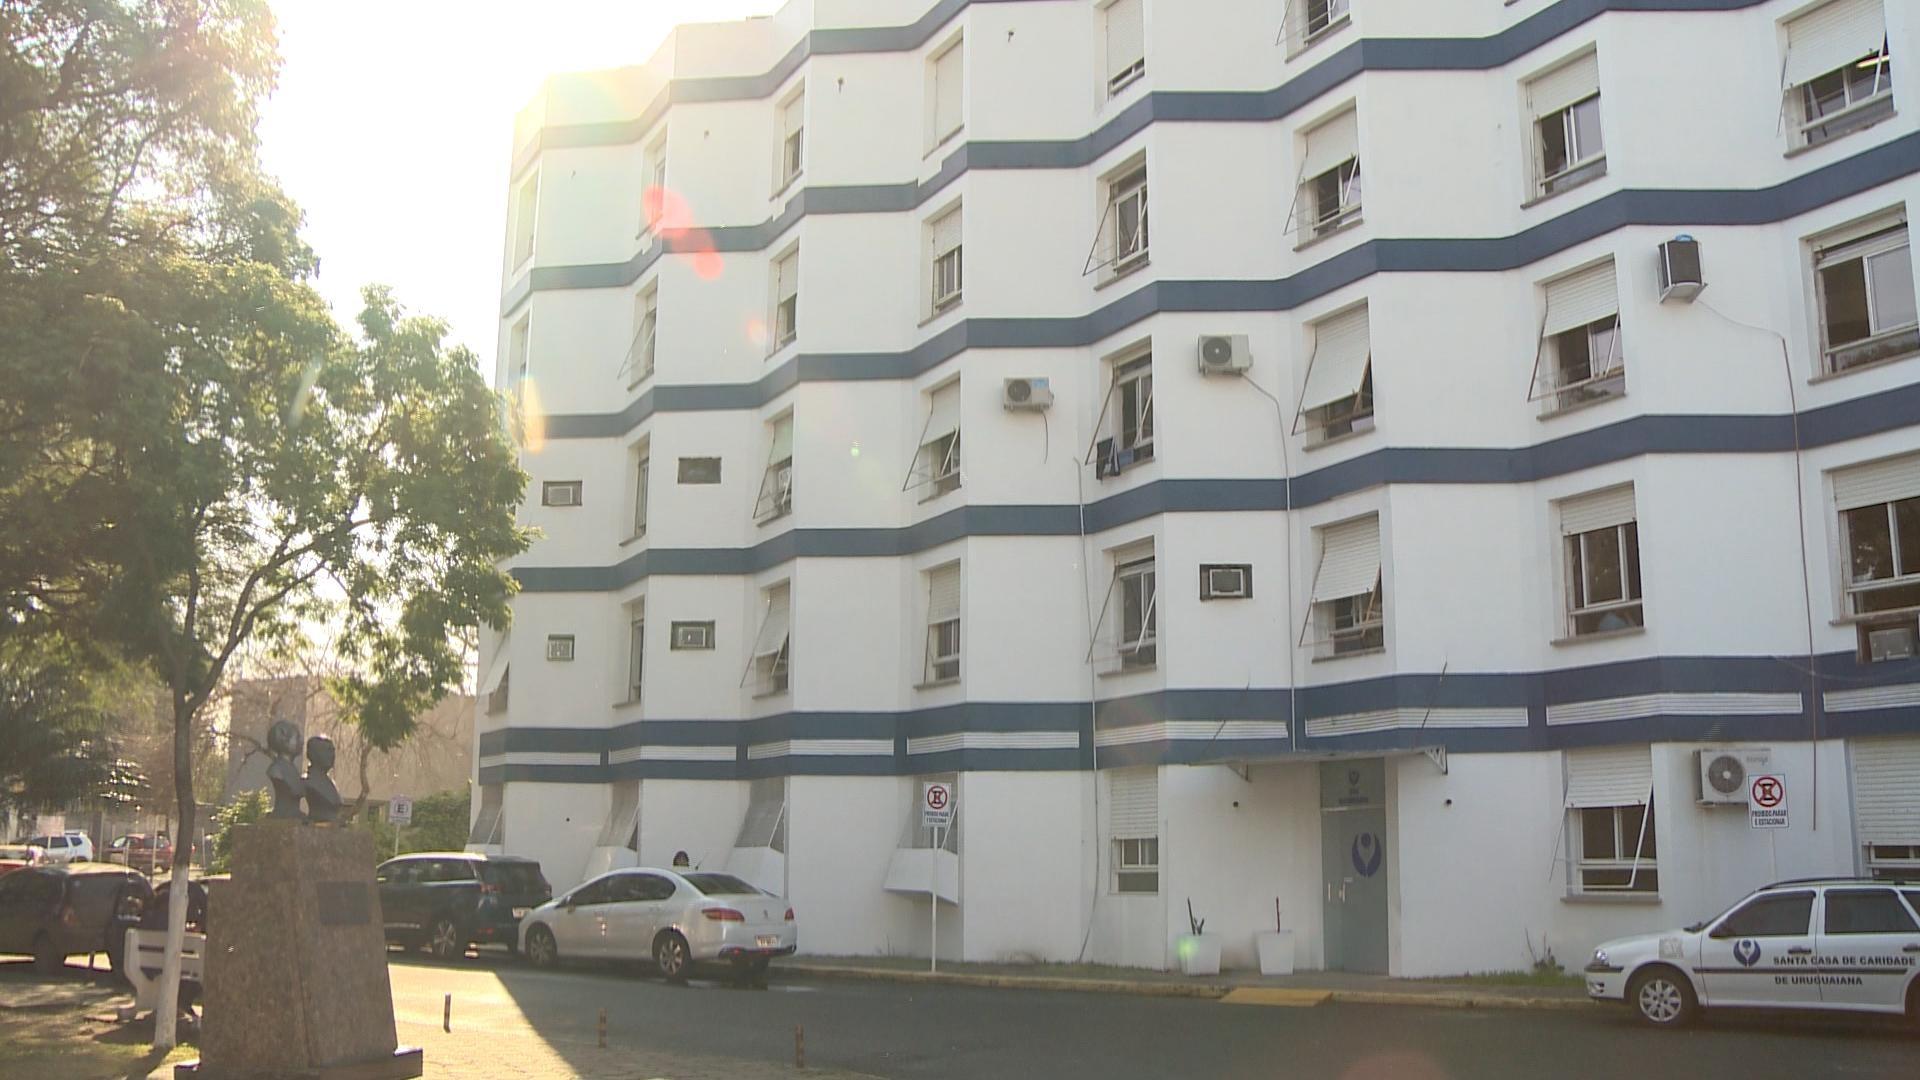 Santa Casa de Uruguaiana suspende internações por 48 horas após casos de sarna no hospital